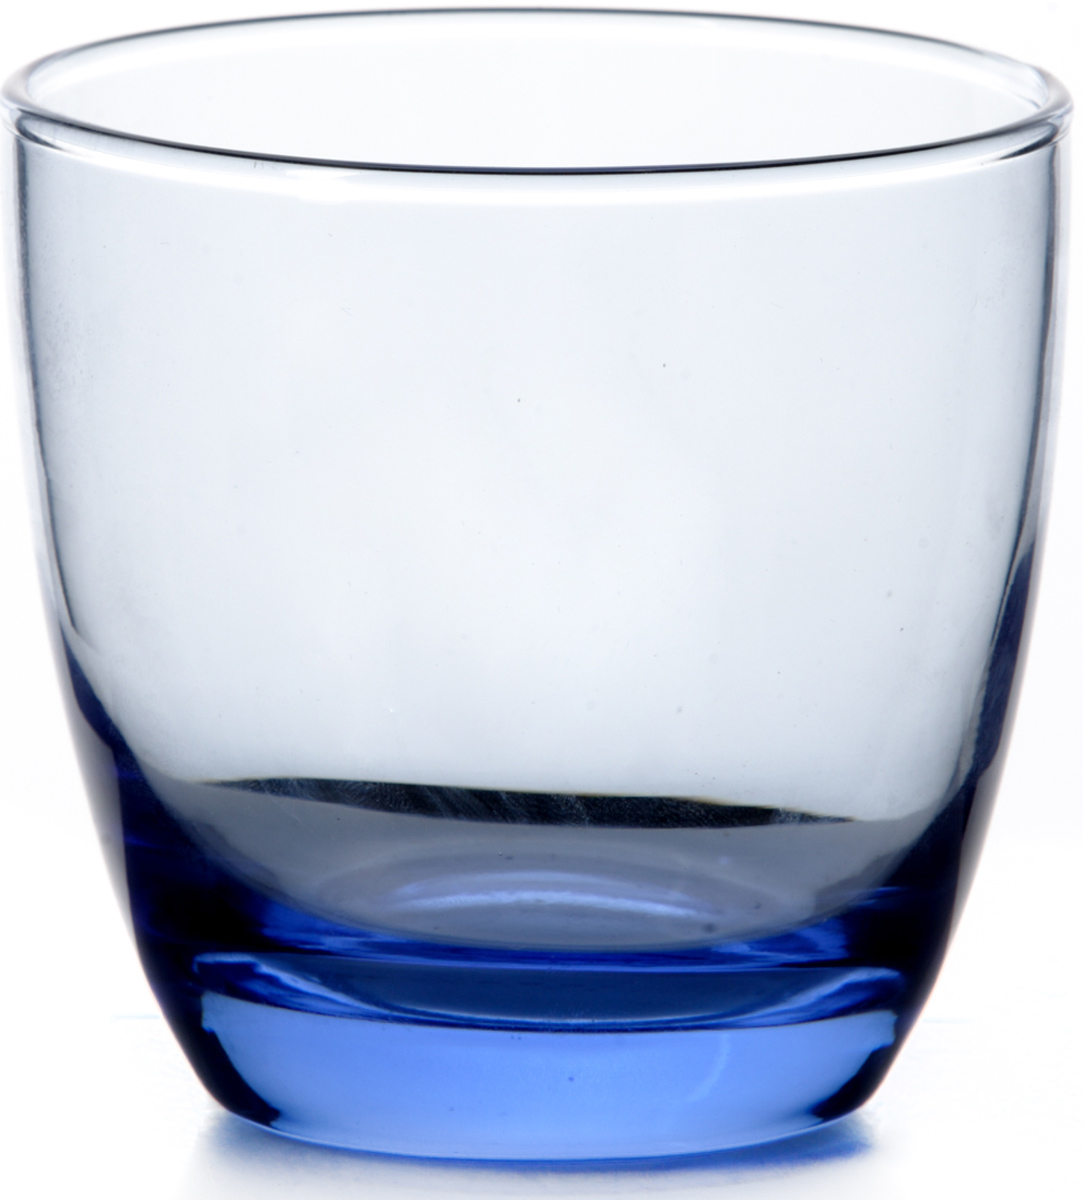 Стакан Pasabahce Лайт блю, цвет: прозрачный, 370 мл стакан pasabahce плэже цвет прозрачный 480 мл